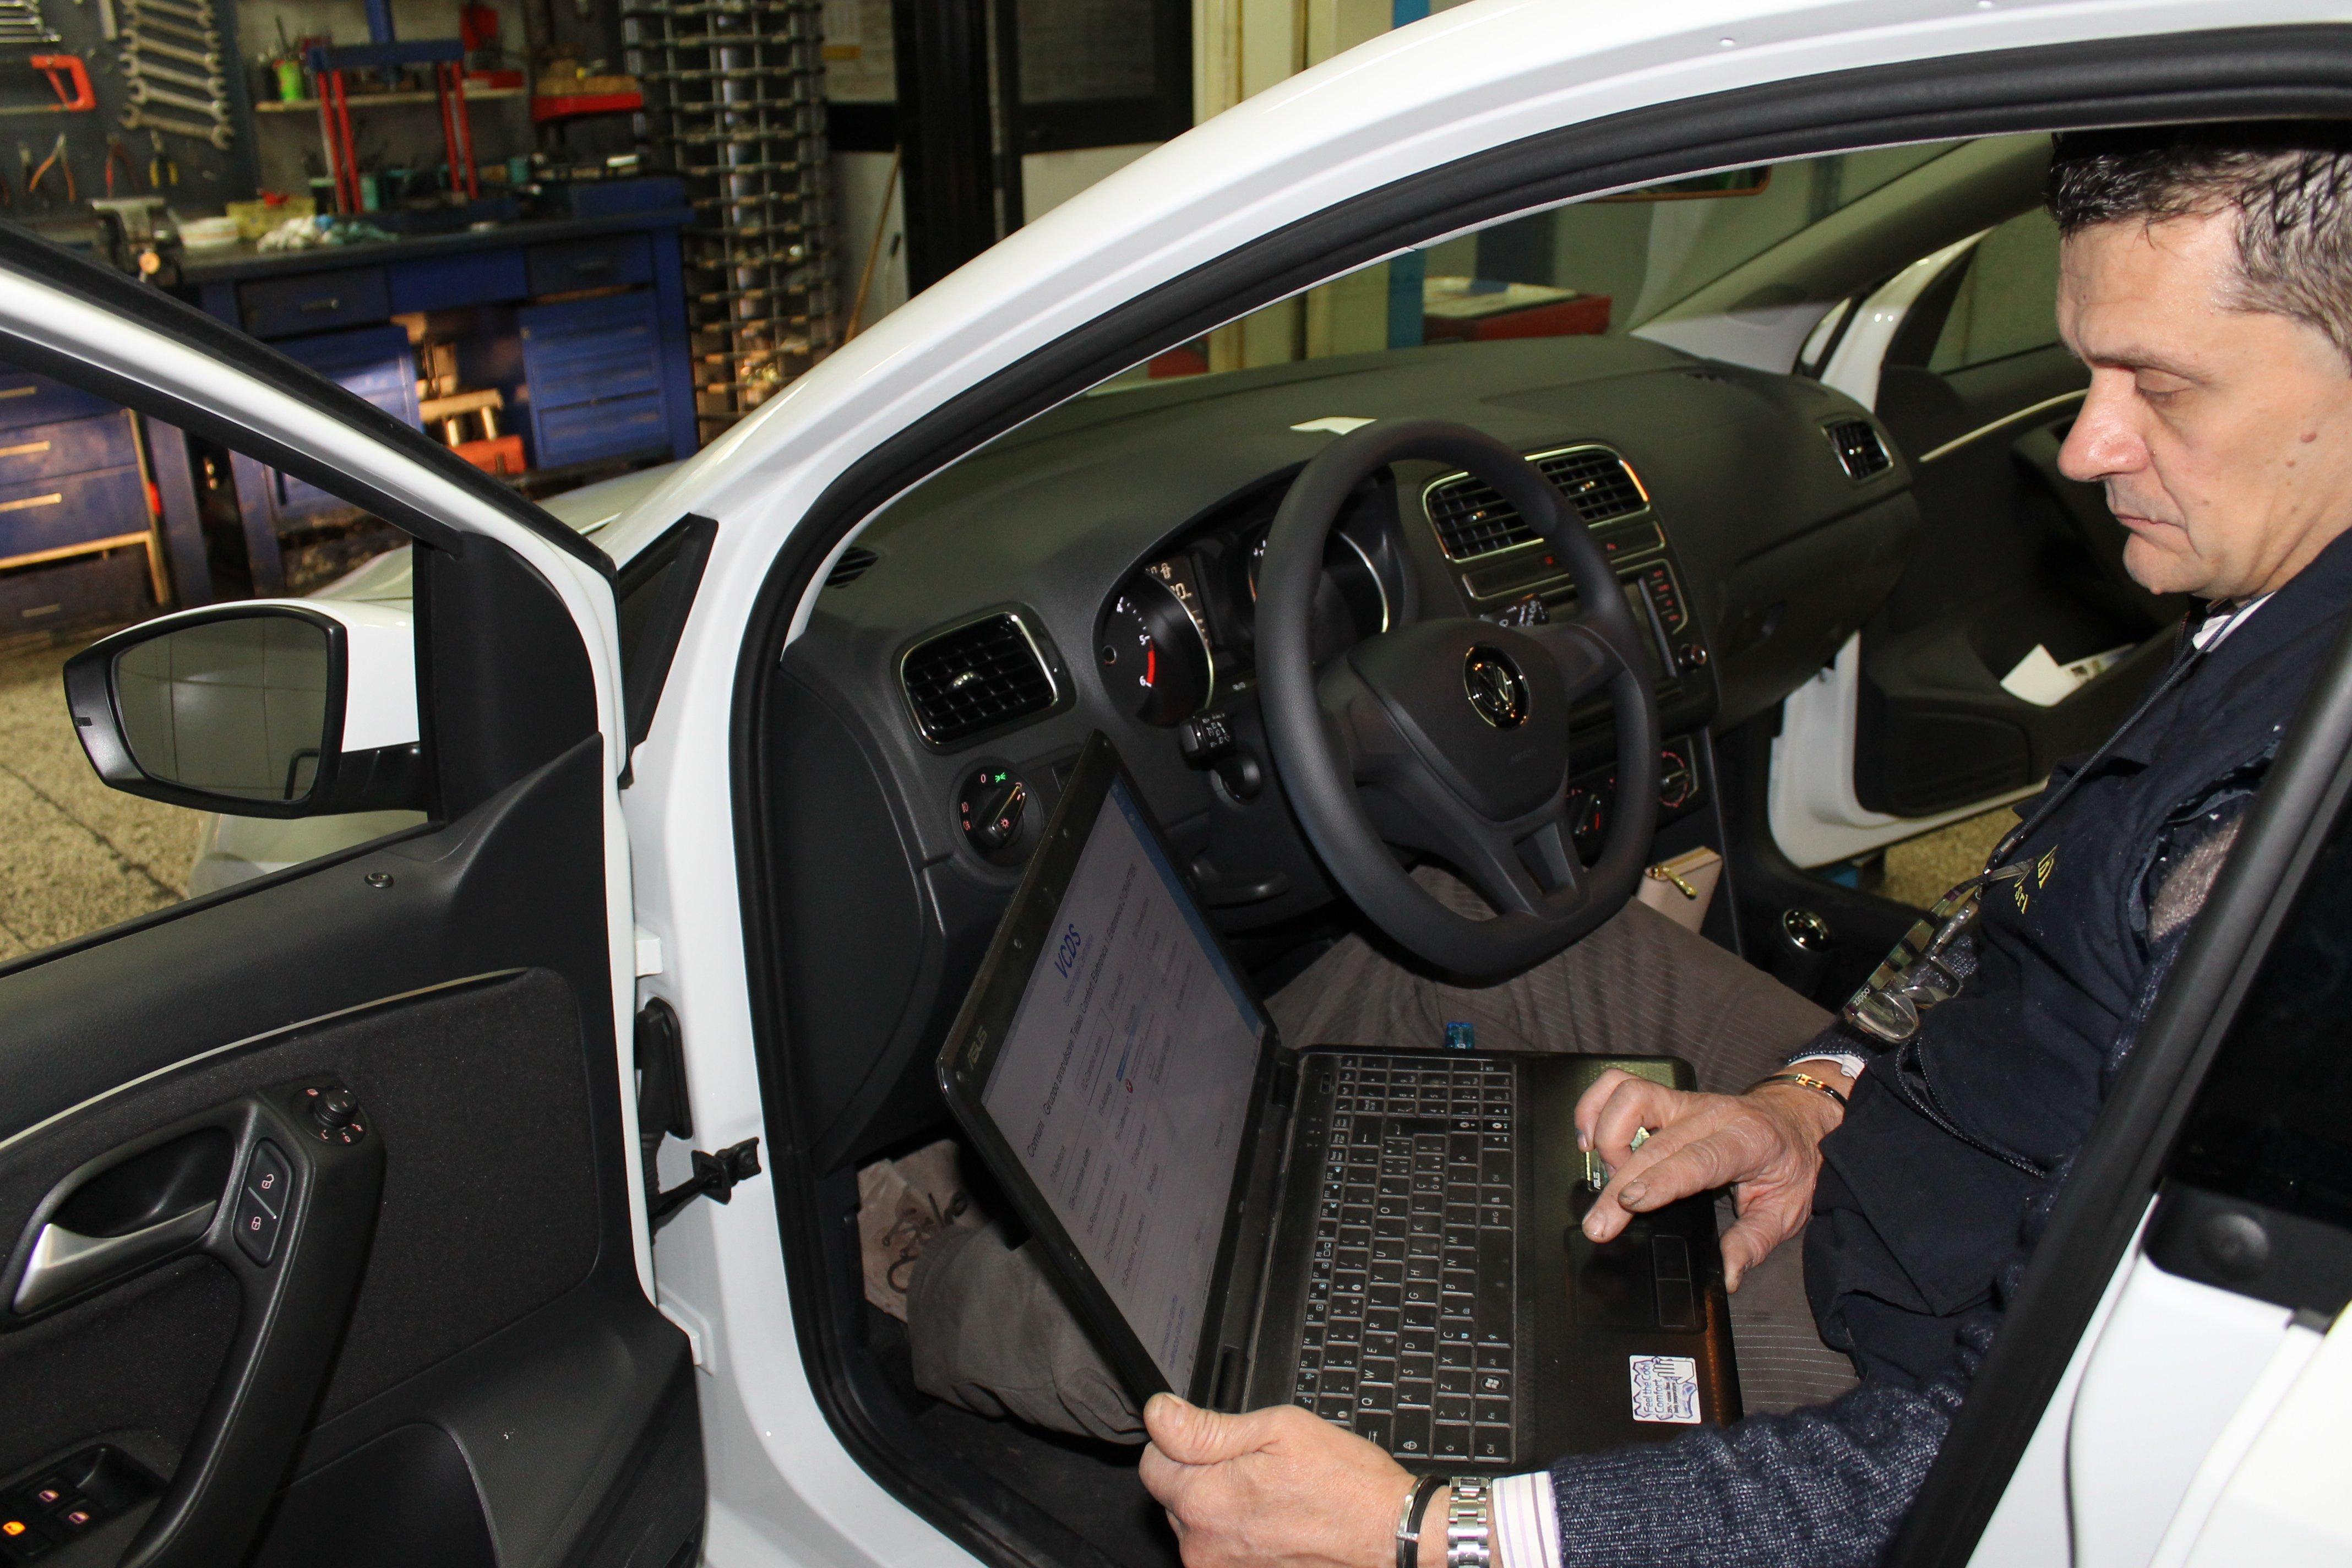 controllo elettronico auto